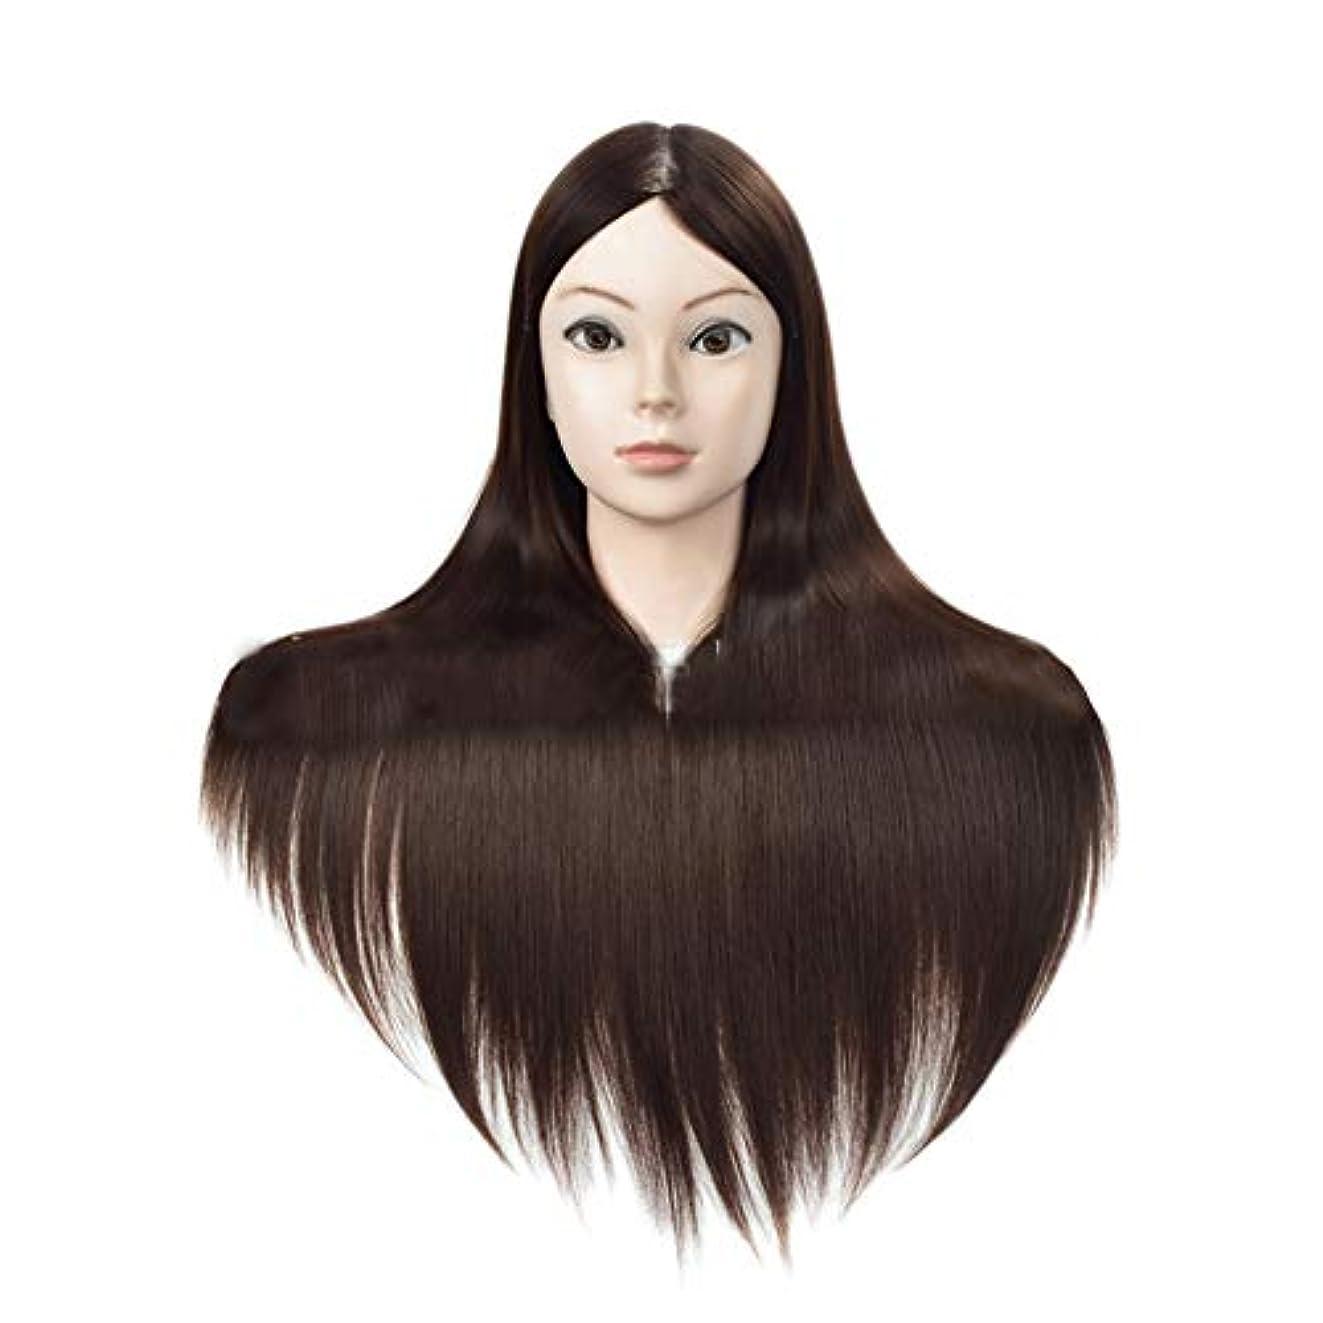 散文とまり木劇作家髪編組ヘアスタイリング練習ヘッド高温線毛ウィッグヘッド金型メイク学習訓練ダミーヘッド